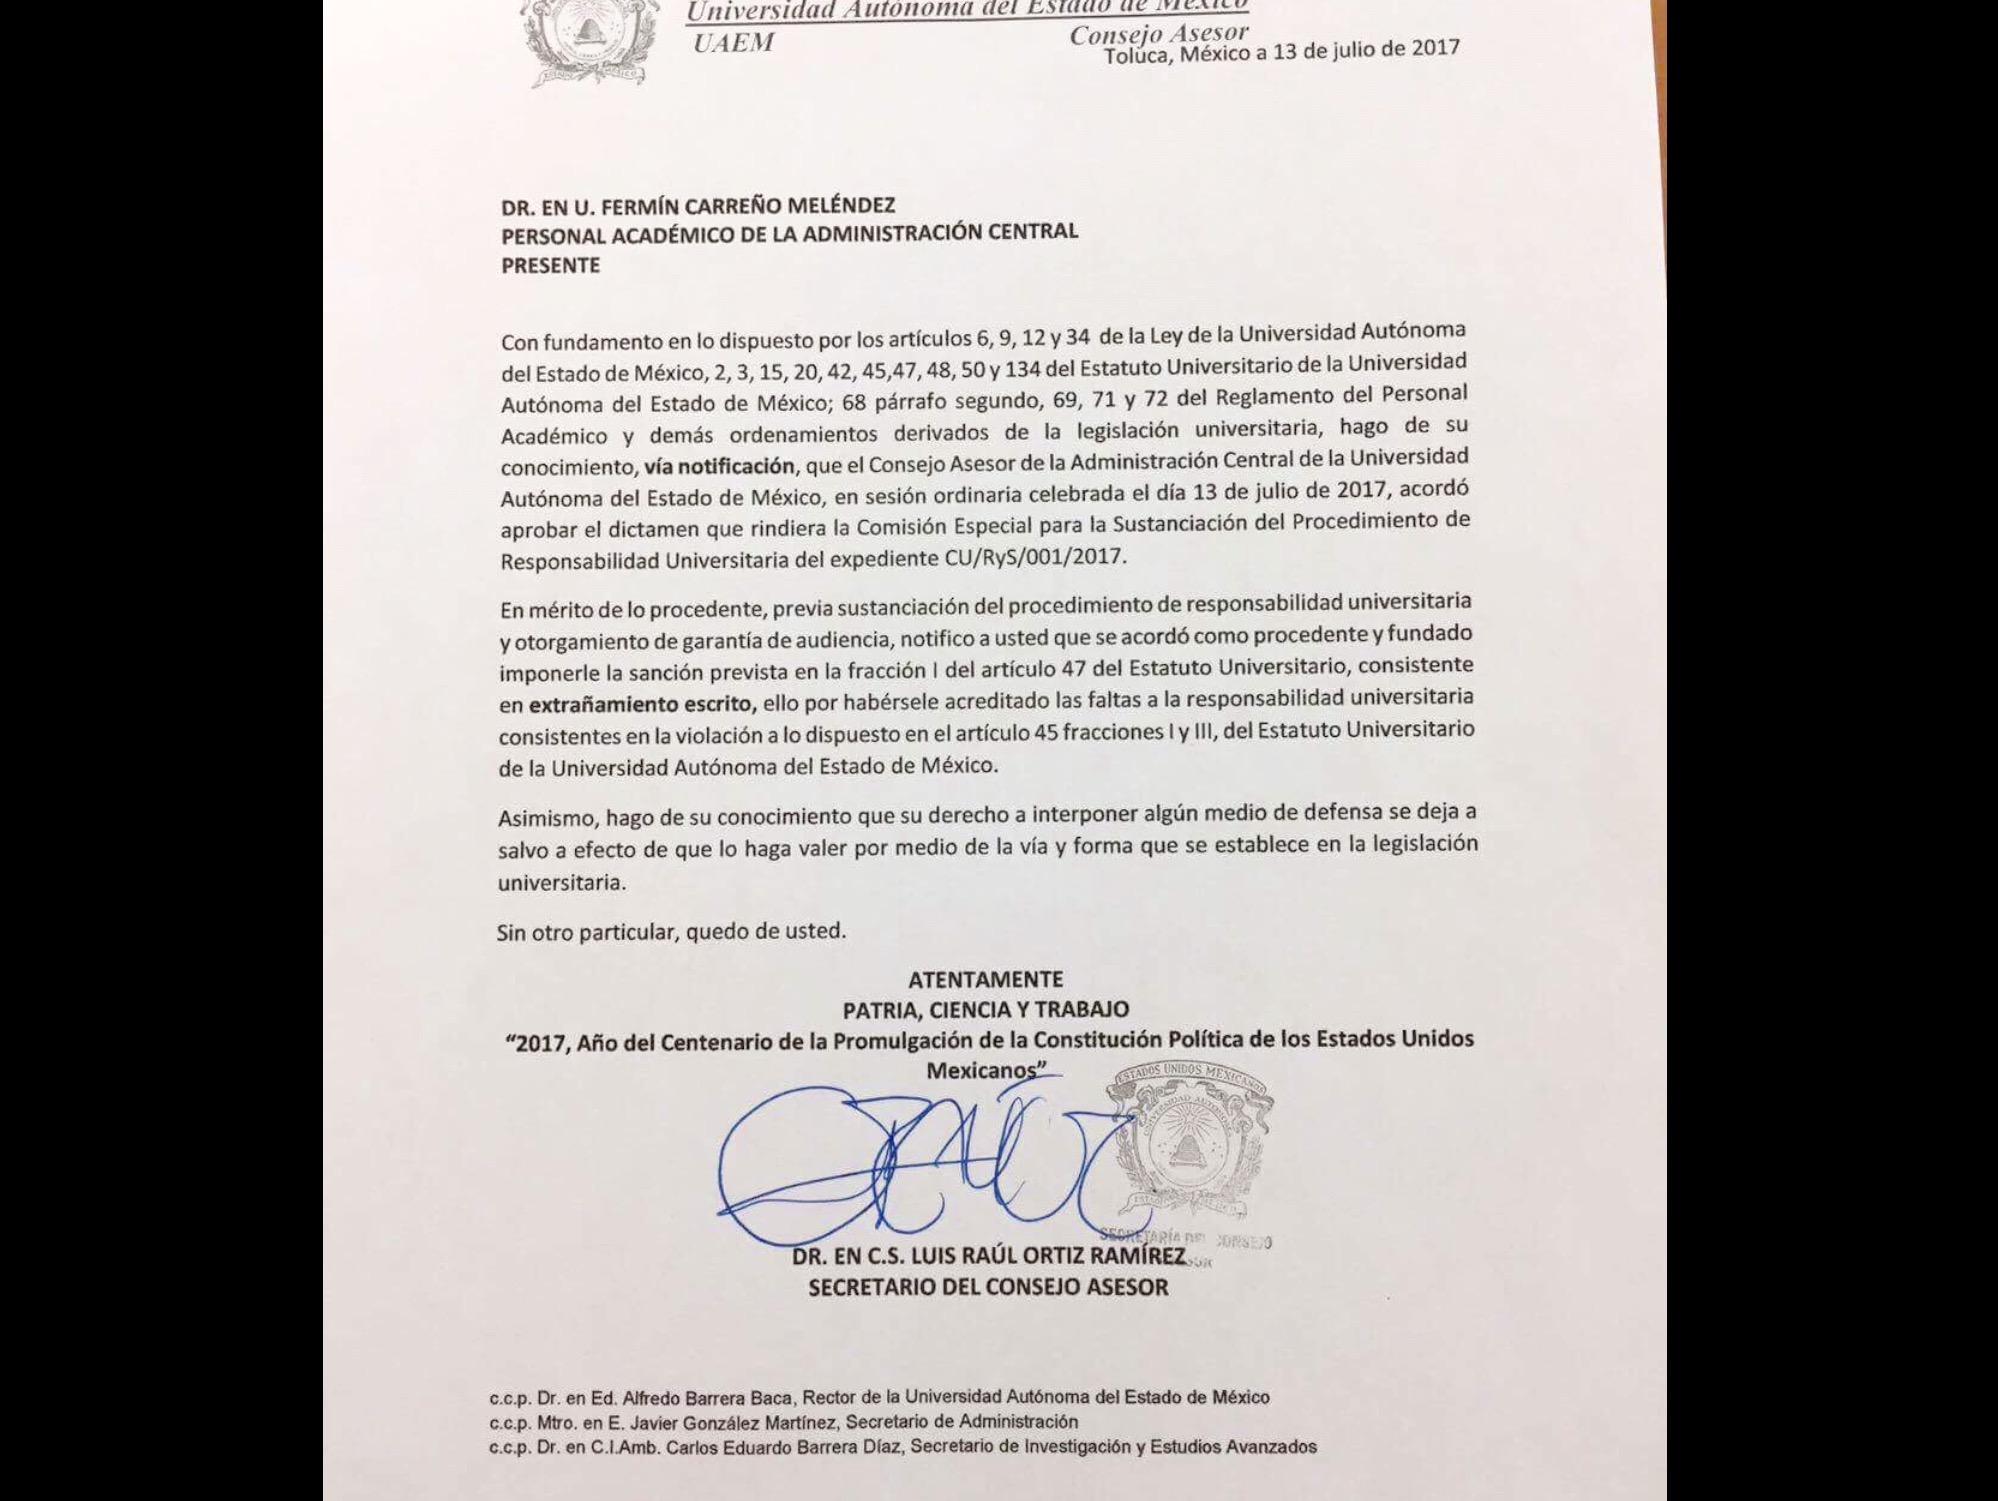 Sí hay sanción para Fermín Carreño, concluye UAEM